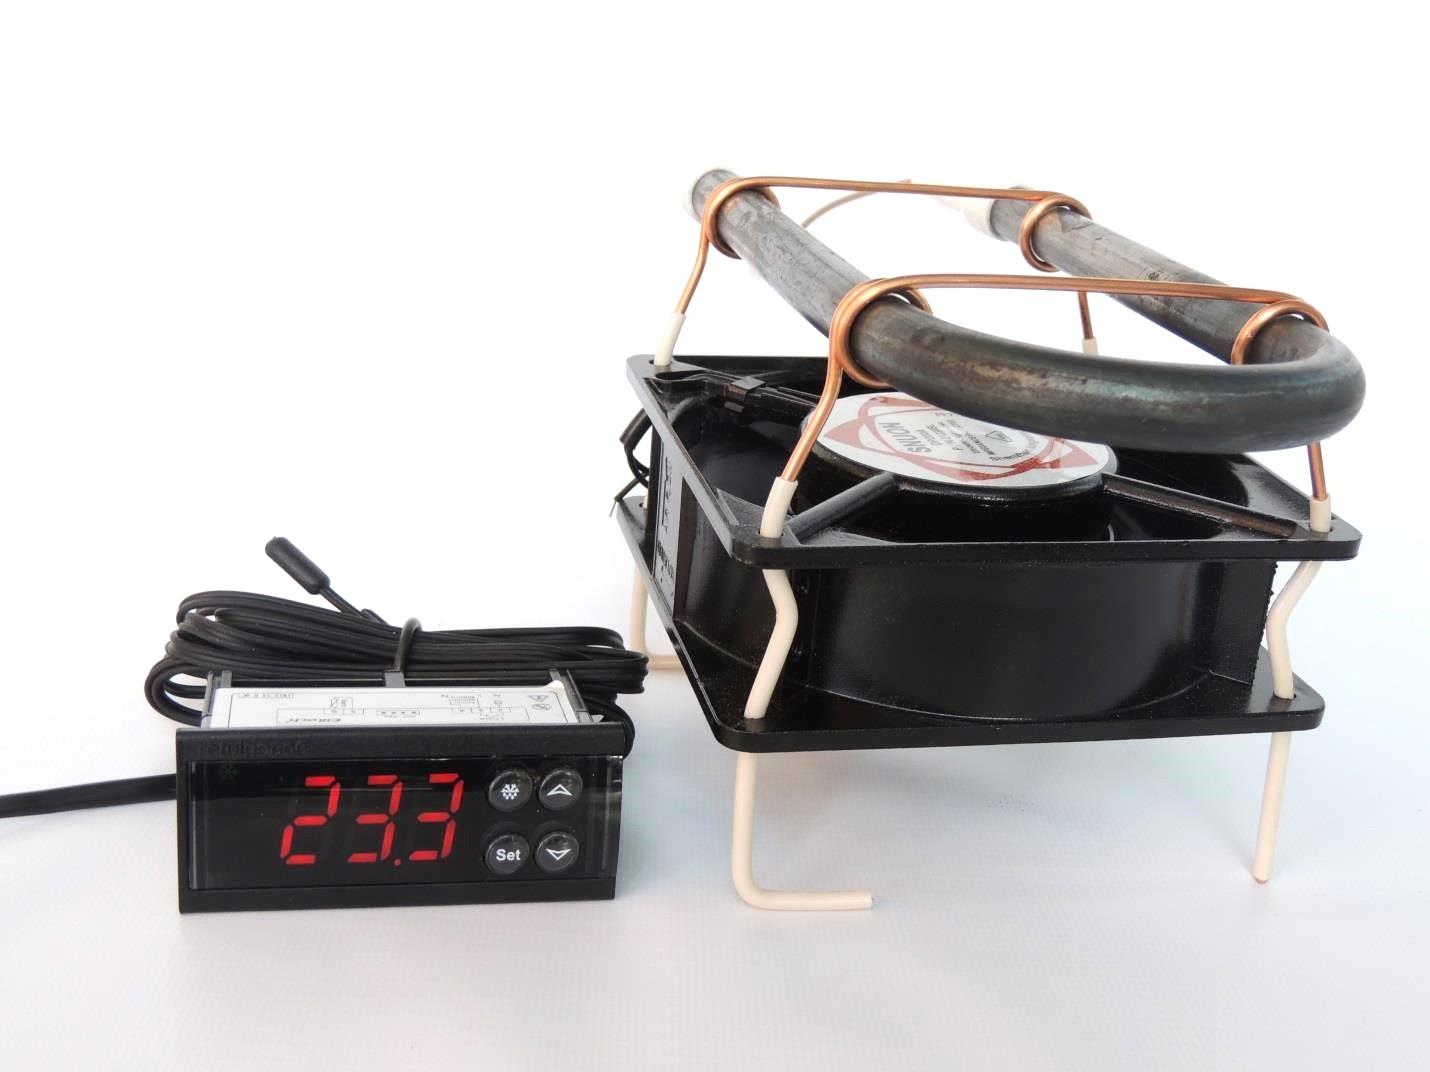 Термостат (терморегулирующее устройство) для самодельного инкубатора в холодильнике